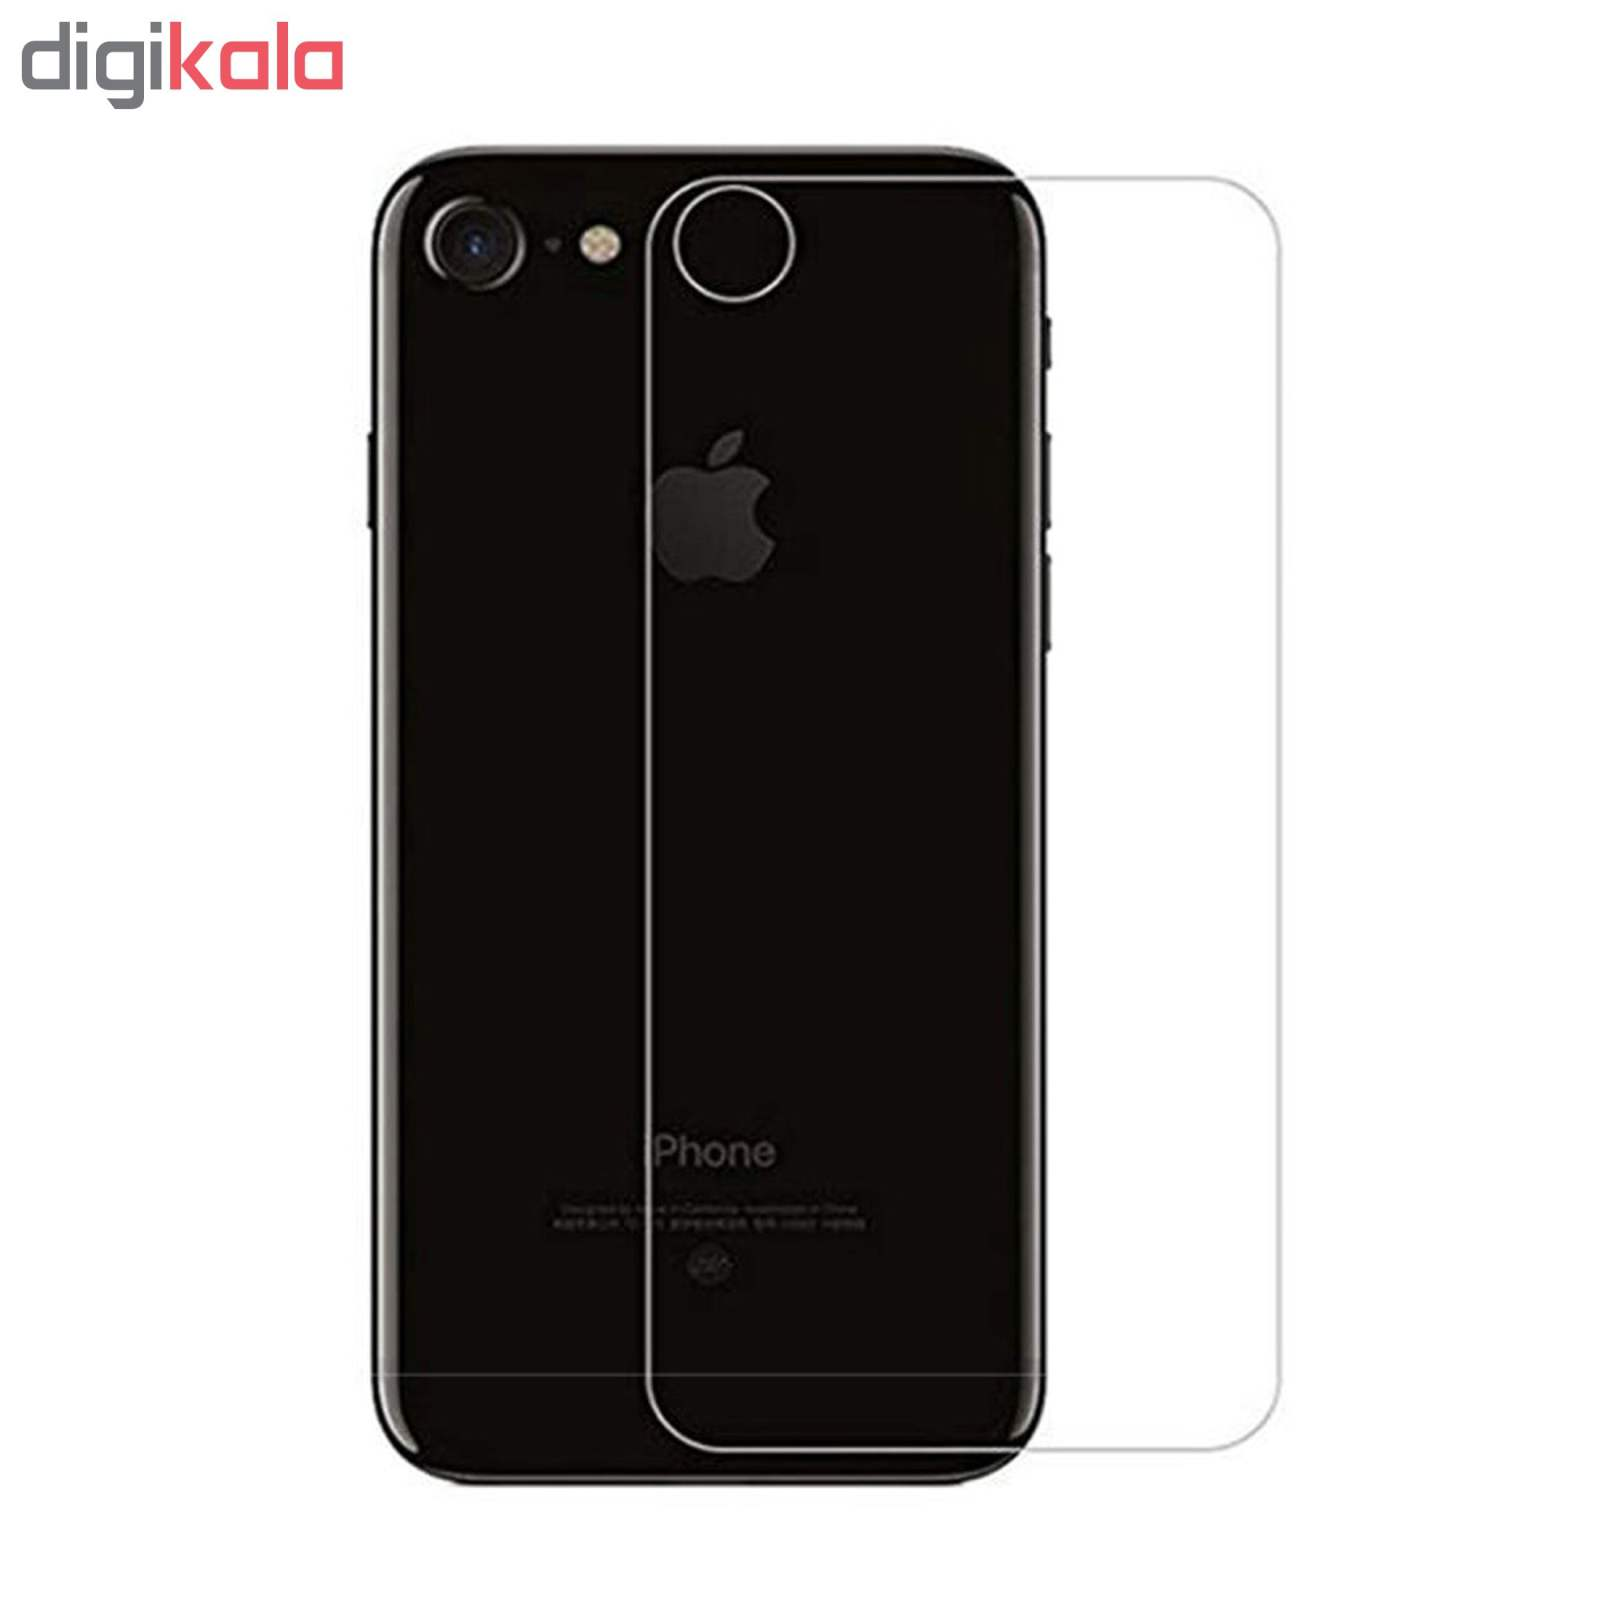 محافظ صفحه نمایش و پشت گوشی اسپایدر مدل S-TMP002 مناسب برای گوشی موبایل اپل iPhone 6 Plus / 6S Plus main 1 2